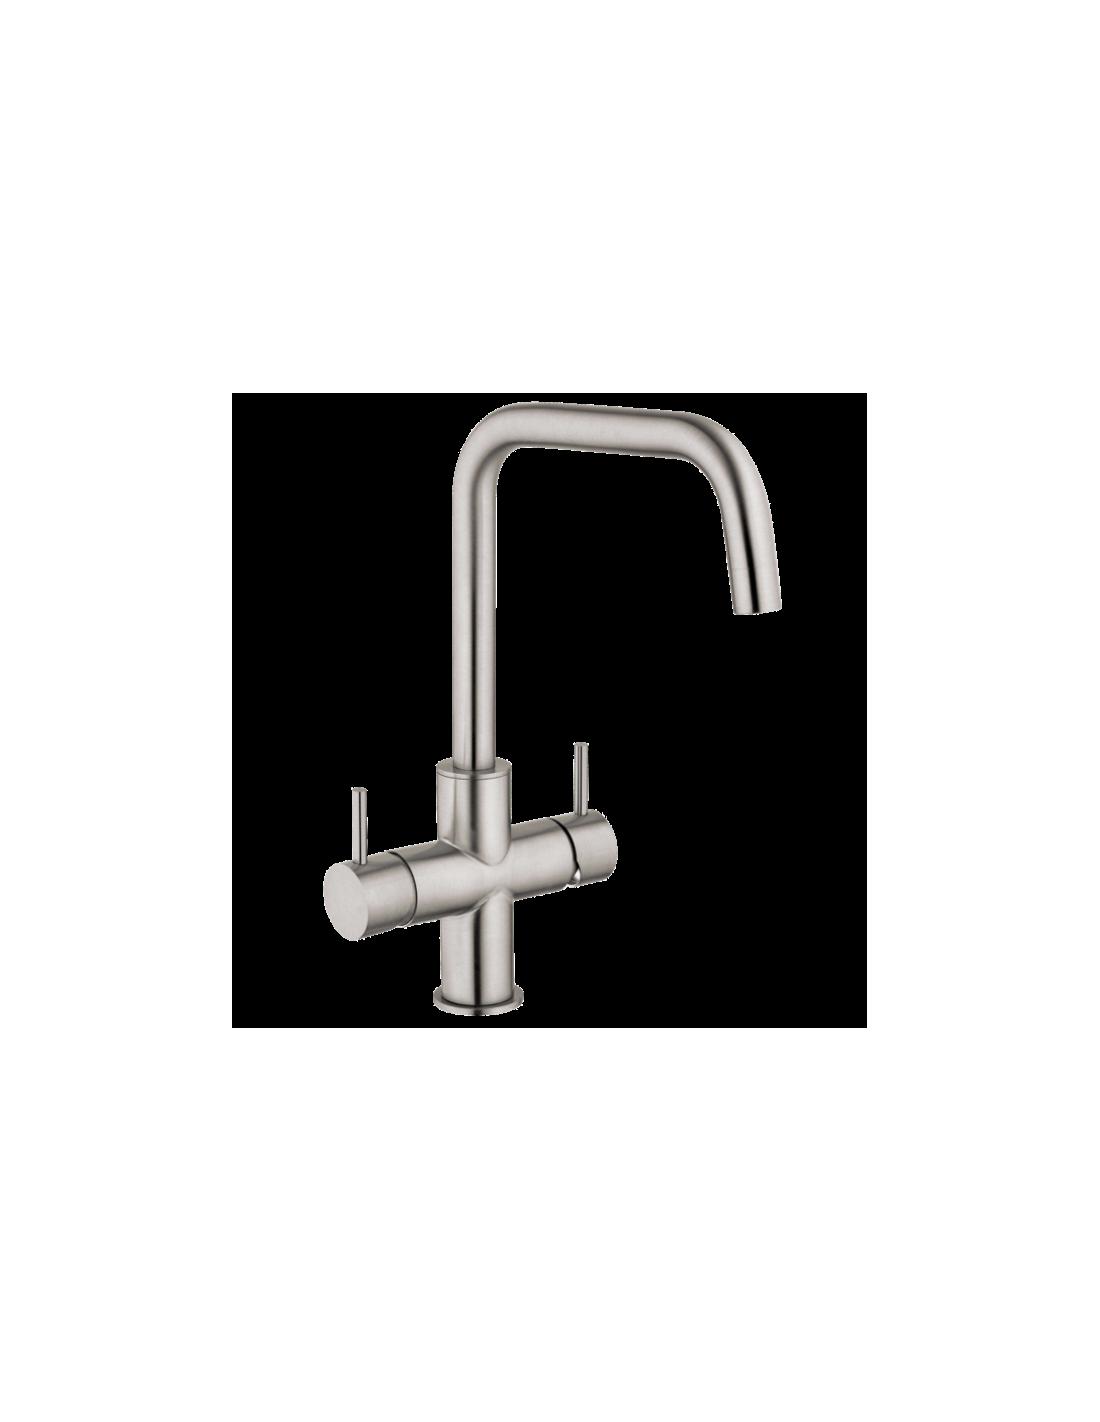 UPP00193 - Tapptorn för kolsyrat vatten - Blupura T5 (Ny Modell) 5-vägs köksblandare helt i rostfritt för vanligt och kolsyra...